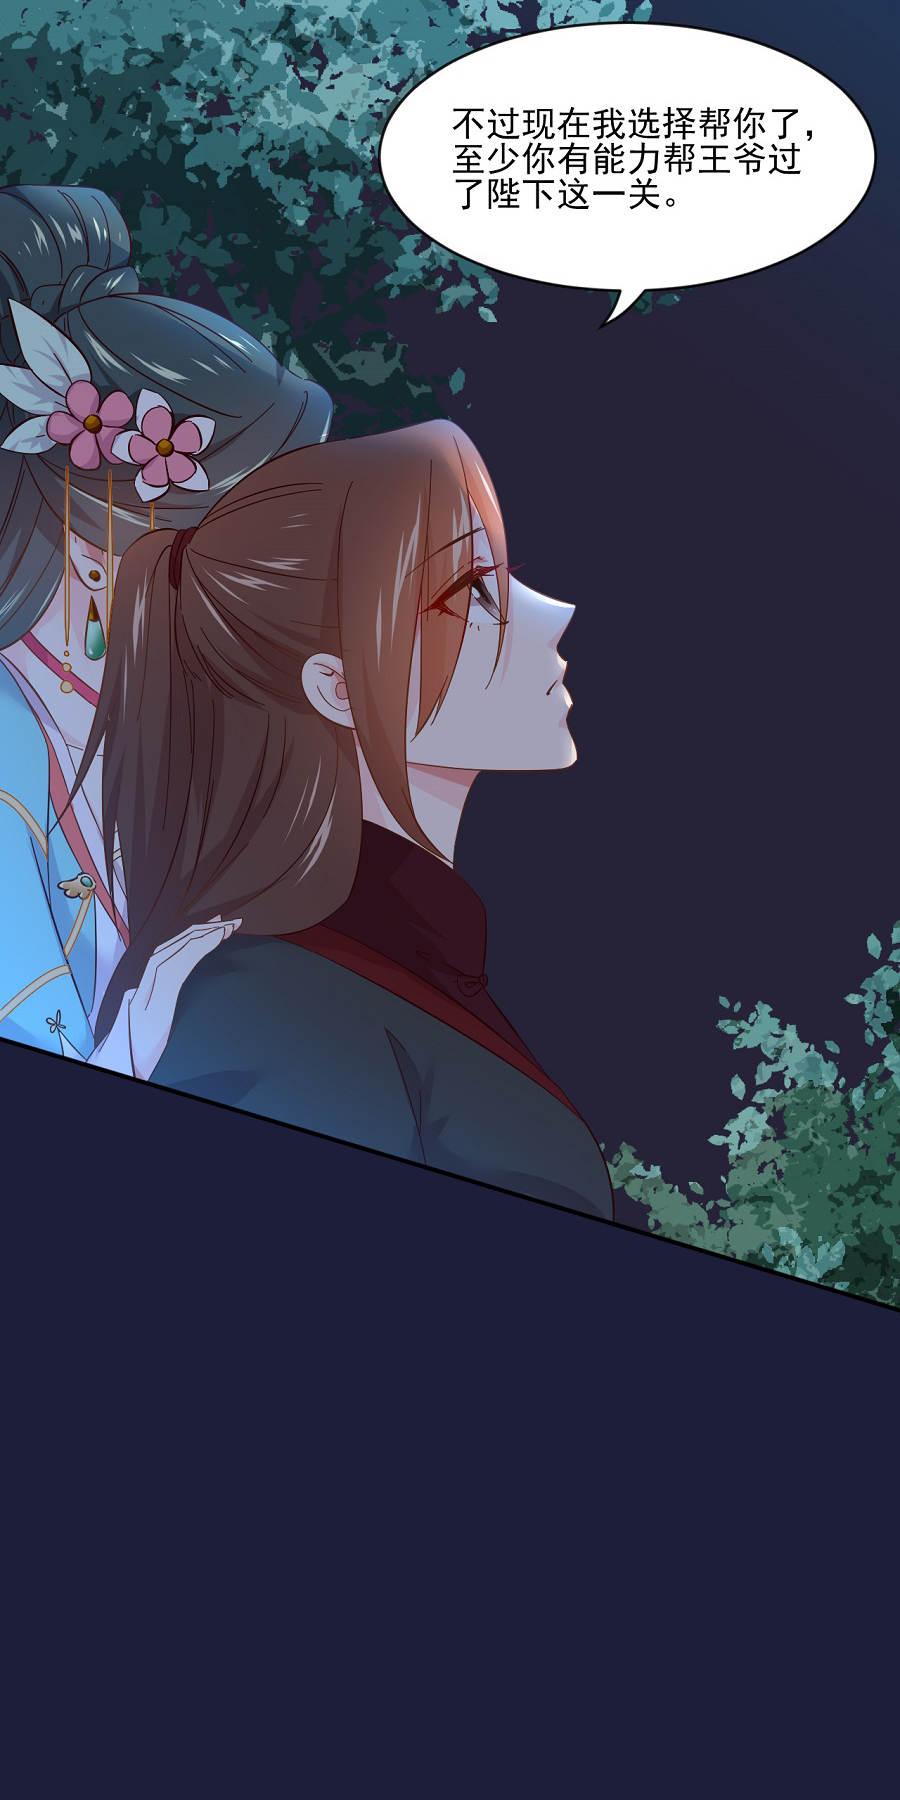 盛世帝王妃第68话  东方的梦和回忆 第 3